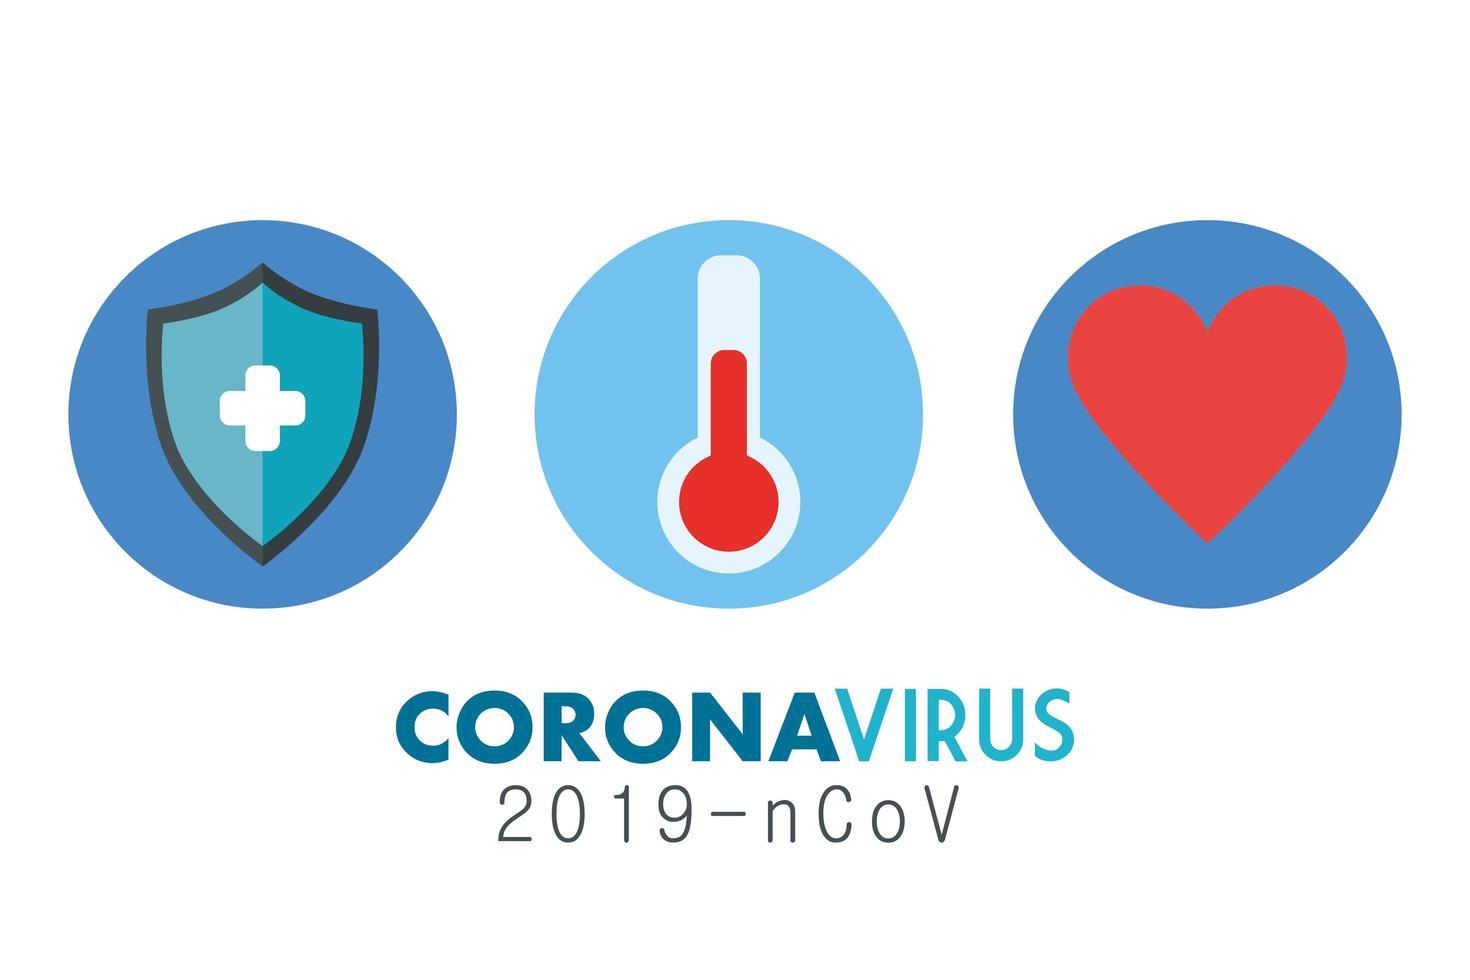 coronavirus medische banner met pictogrammen vector